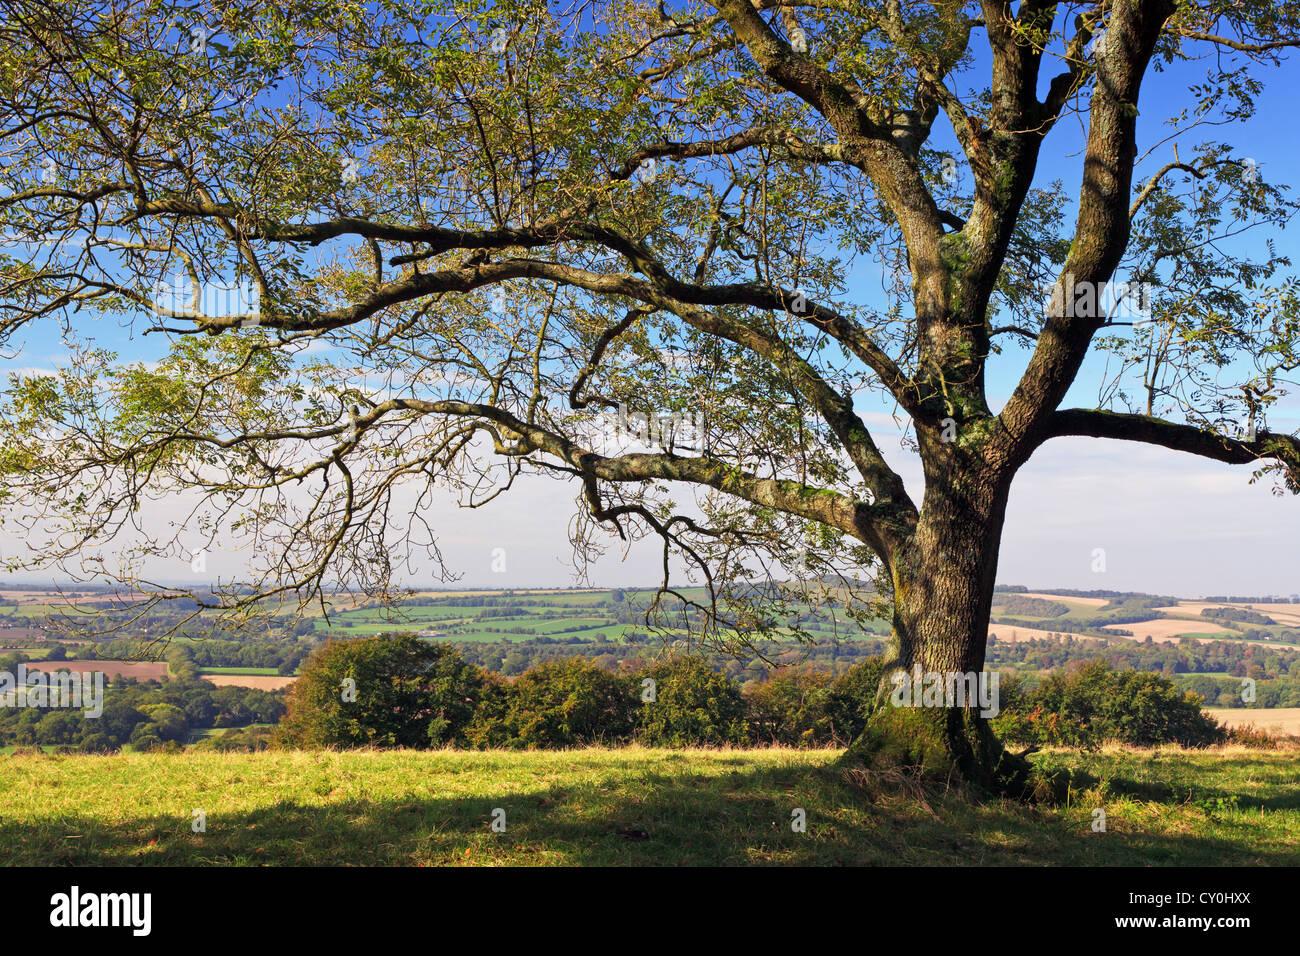 Sur un frêne vieille Winchester Hill dans le Hampshire en Angleterre avec vue sur la campagne vallonnée Photo Stock